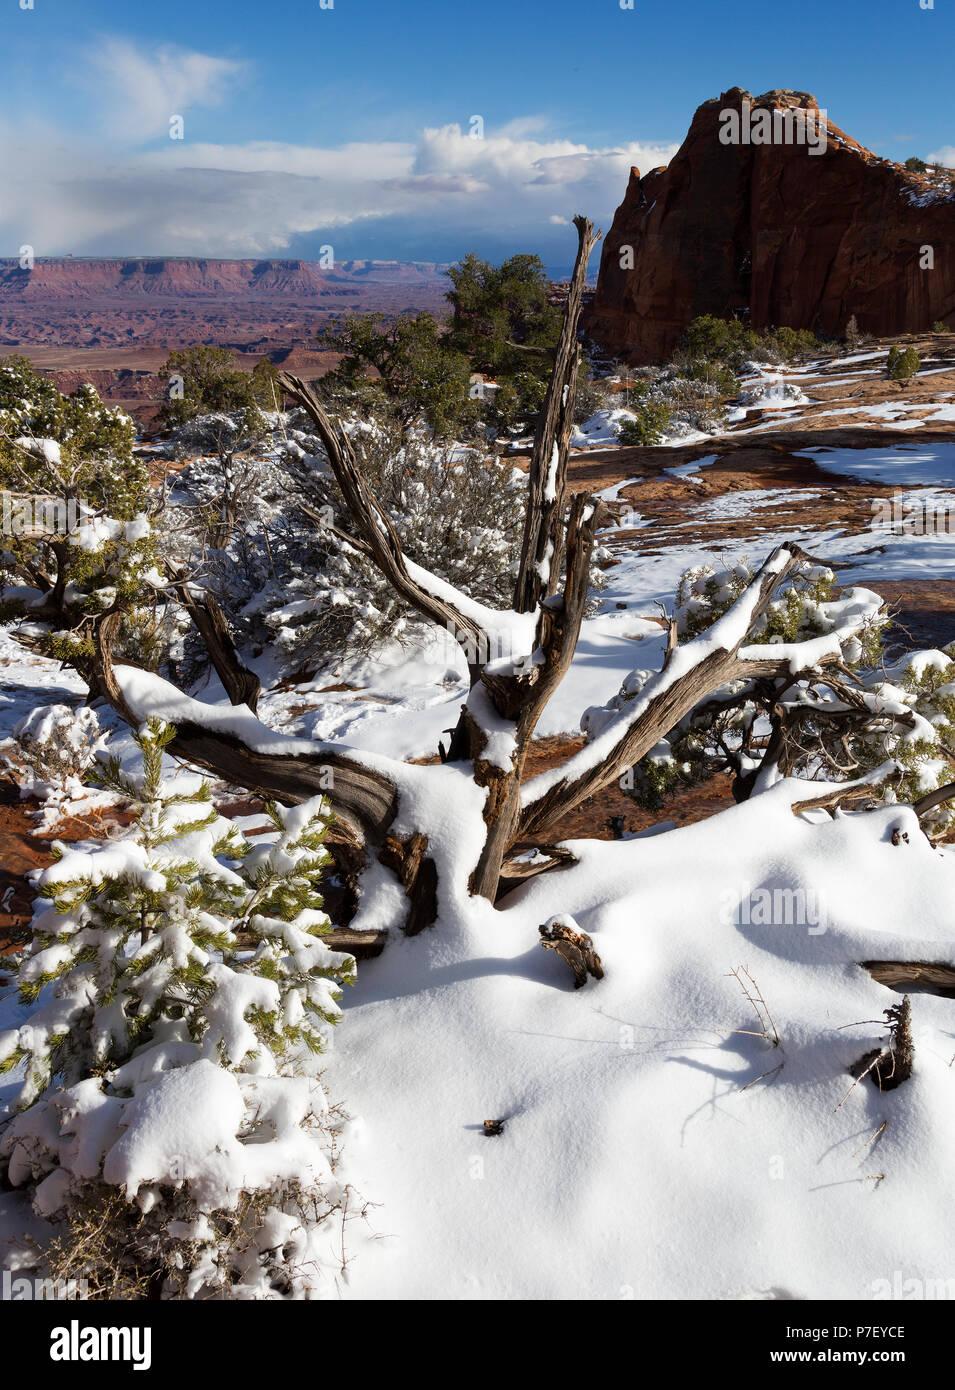 Canyonland National Park, Moab, Utah, USA - Stock Image